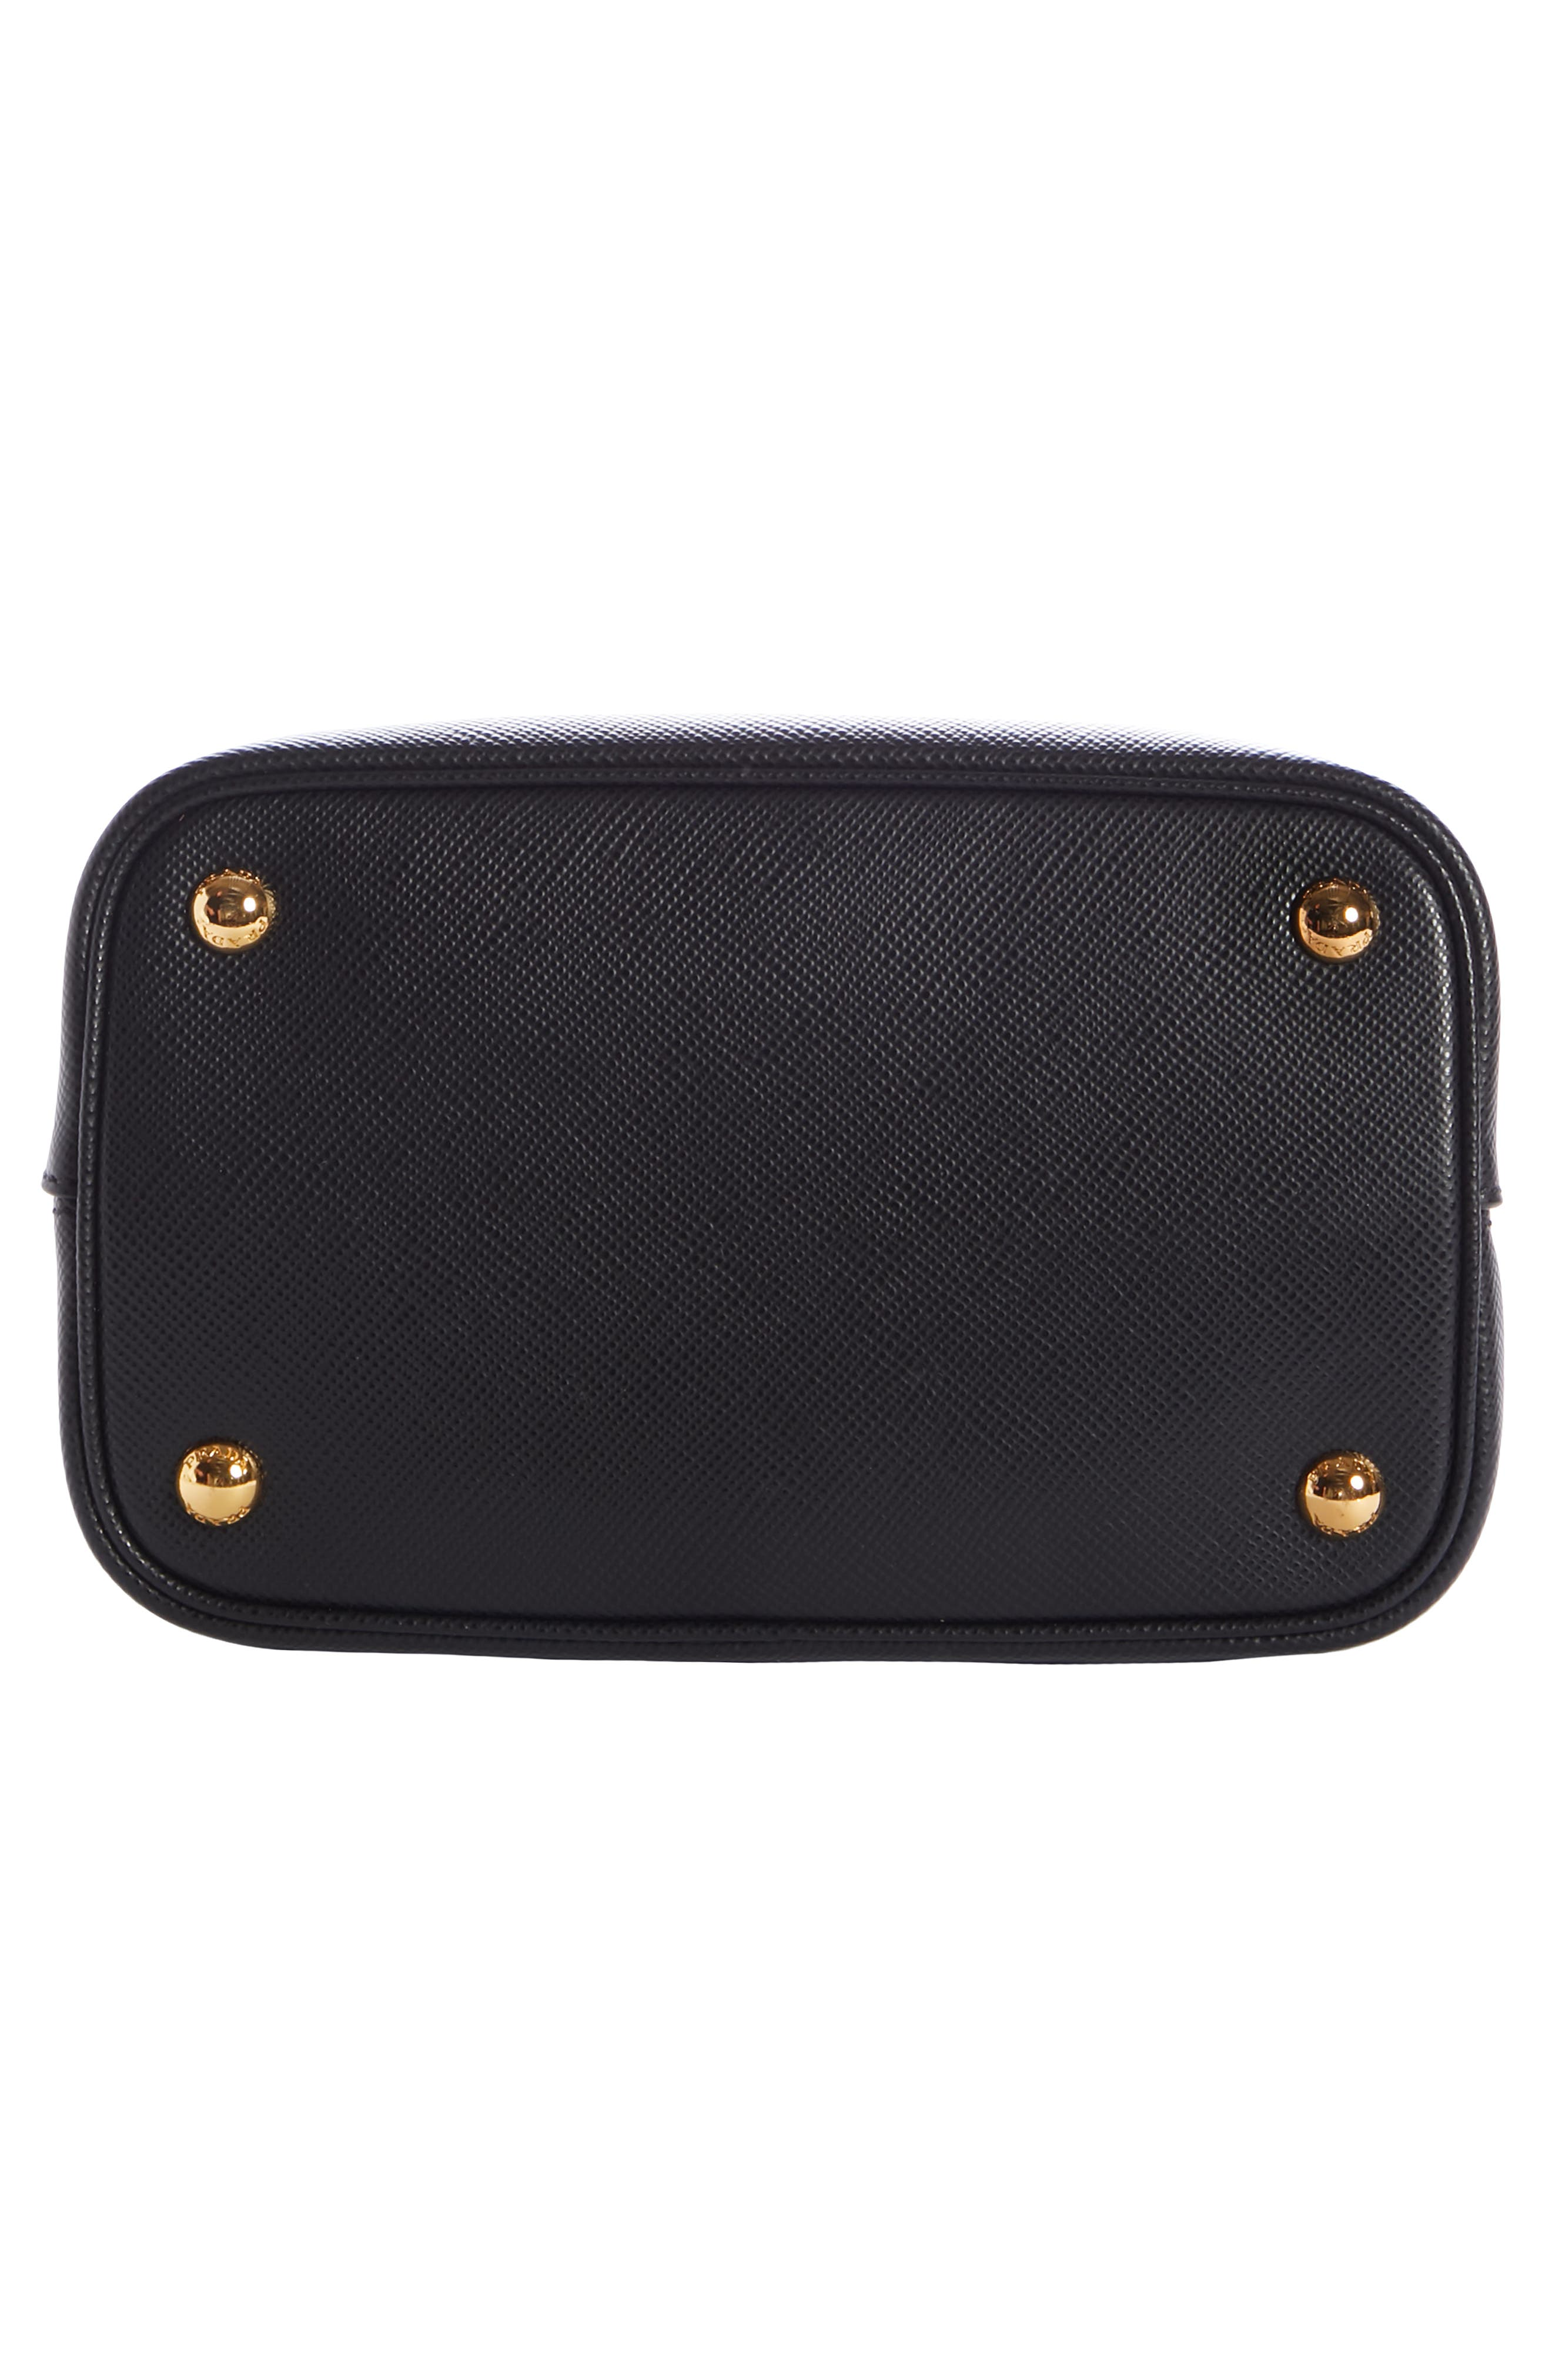 Small Saffiano Leather Bucket Bag,                             Alternate thumbnail 5, color,                             NERO/ FUOCO